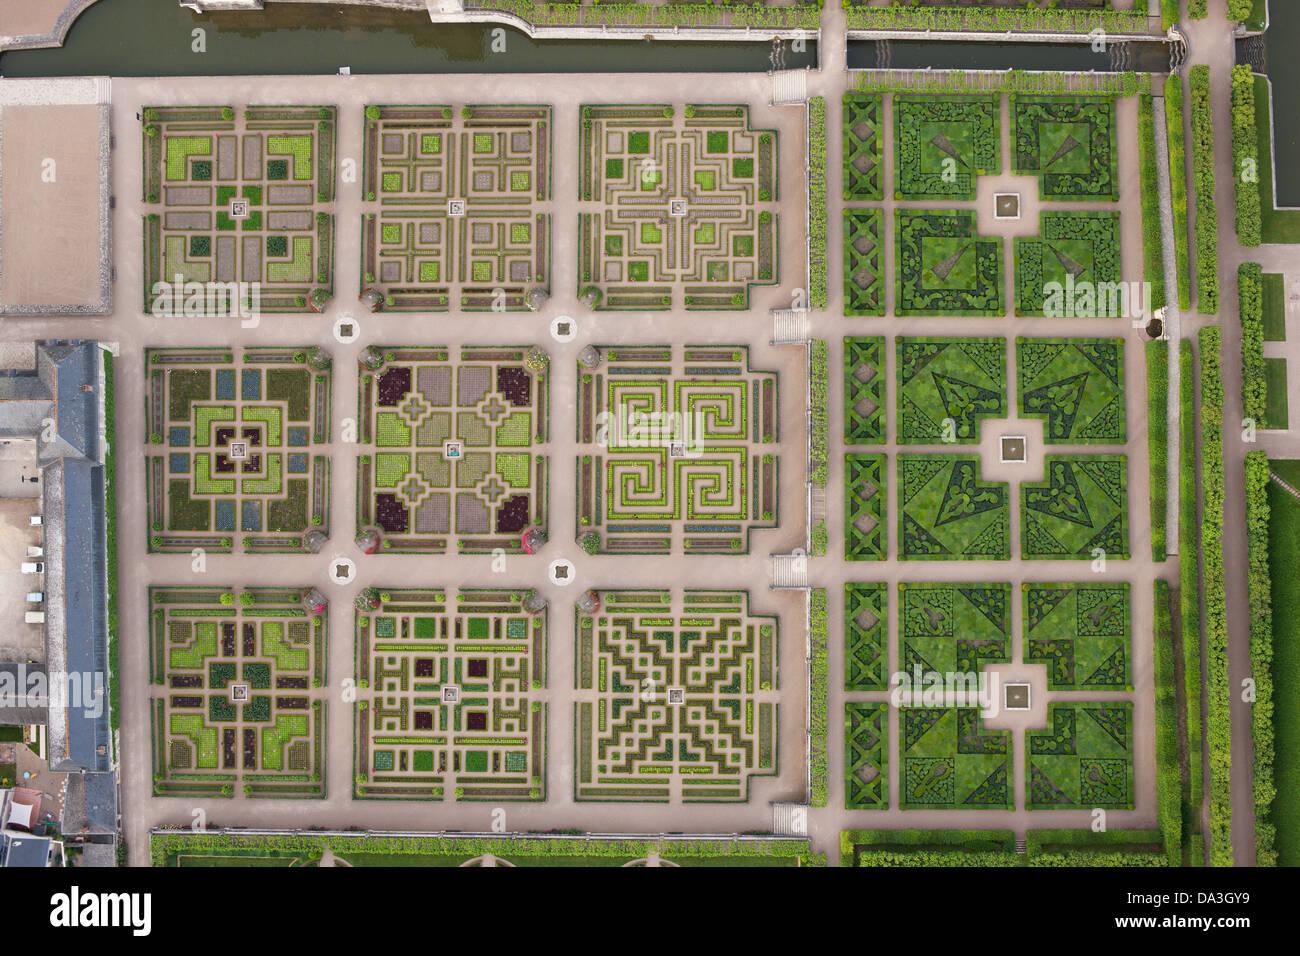 VILLANDRY GARDEN (vertical aerial view). Indre-et-Loire, Loire Valley, Centre, France. - Stock Image